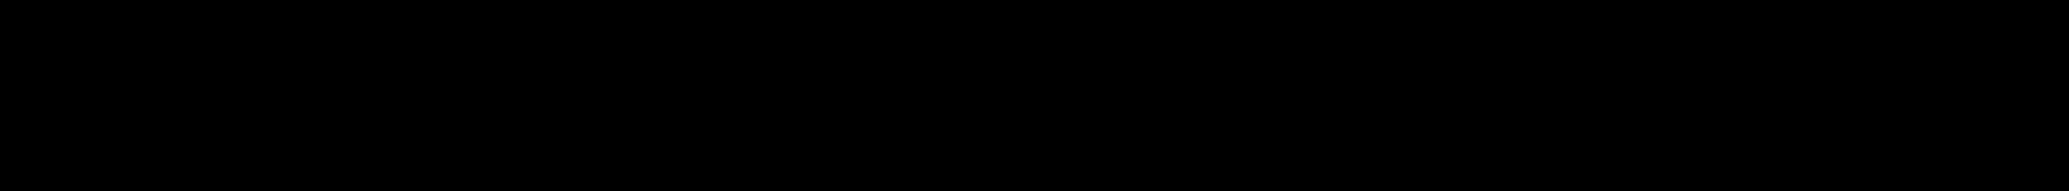 Design System C 300R